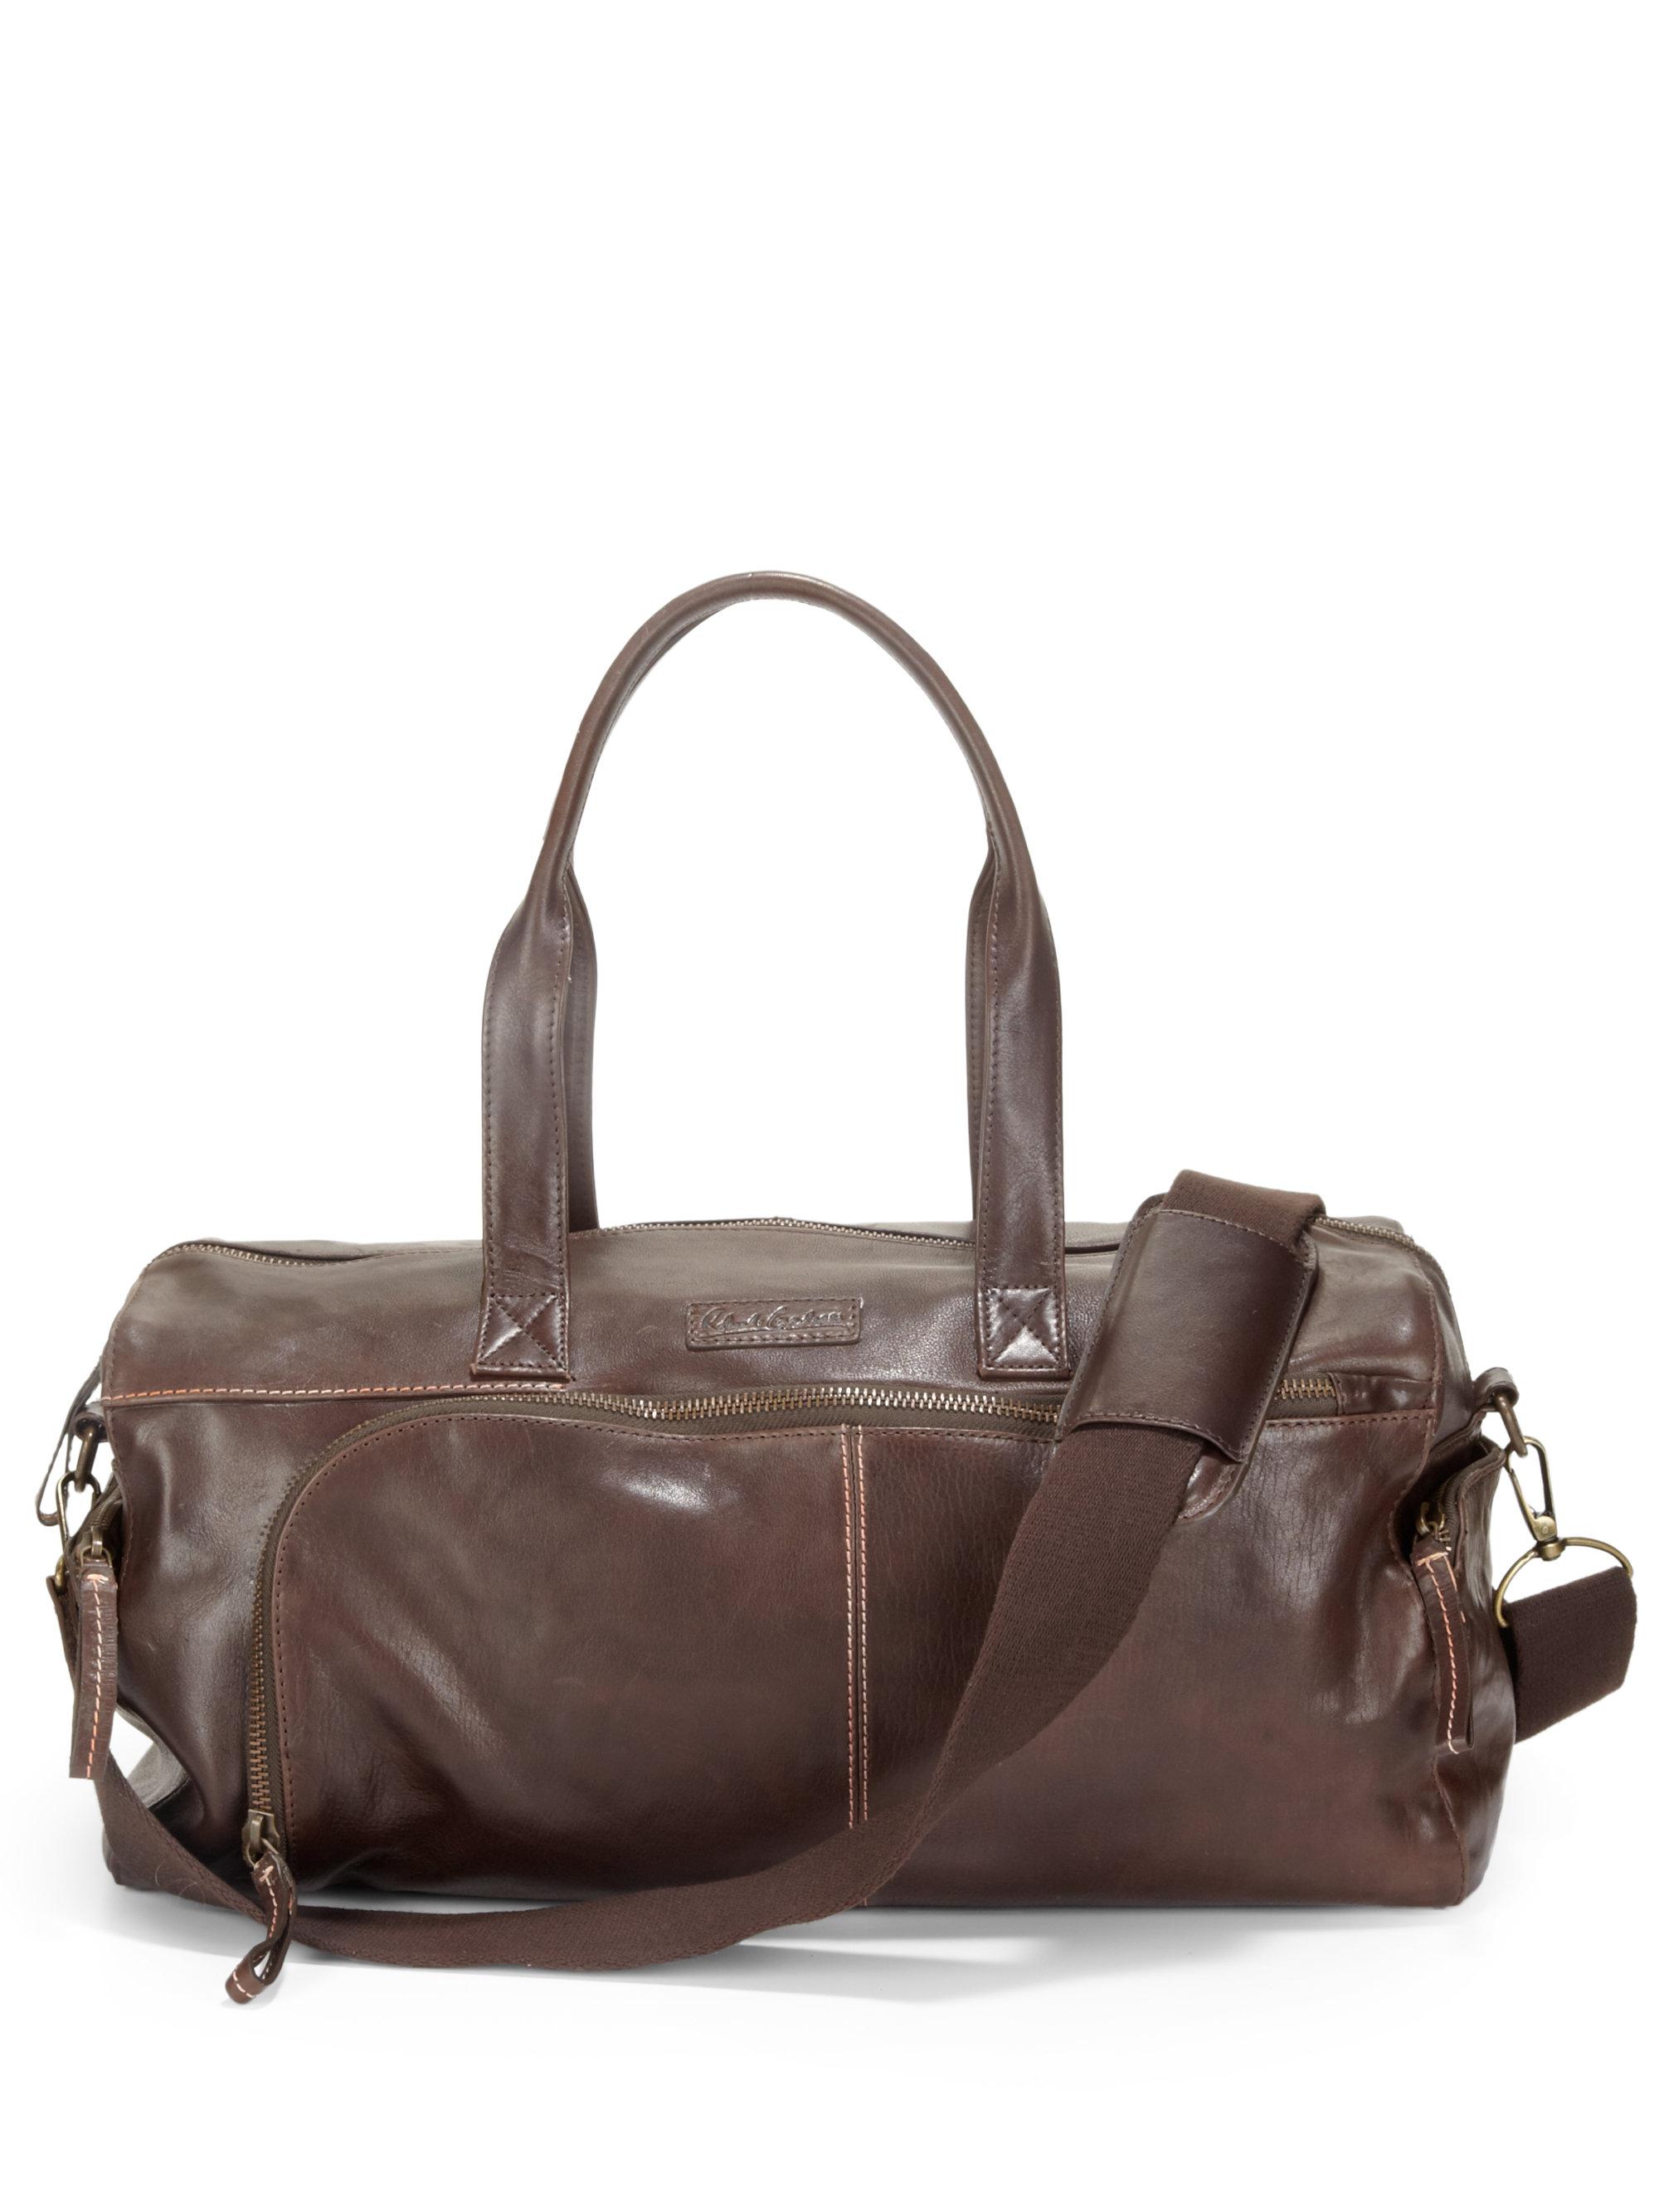 Robert graham Leather Duffel Bag in Brown for Men